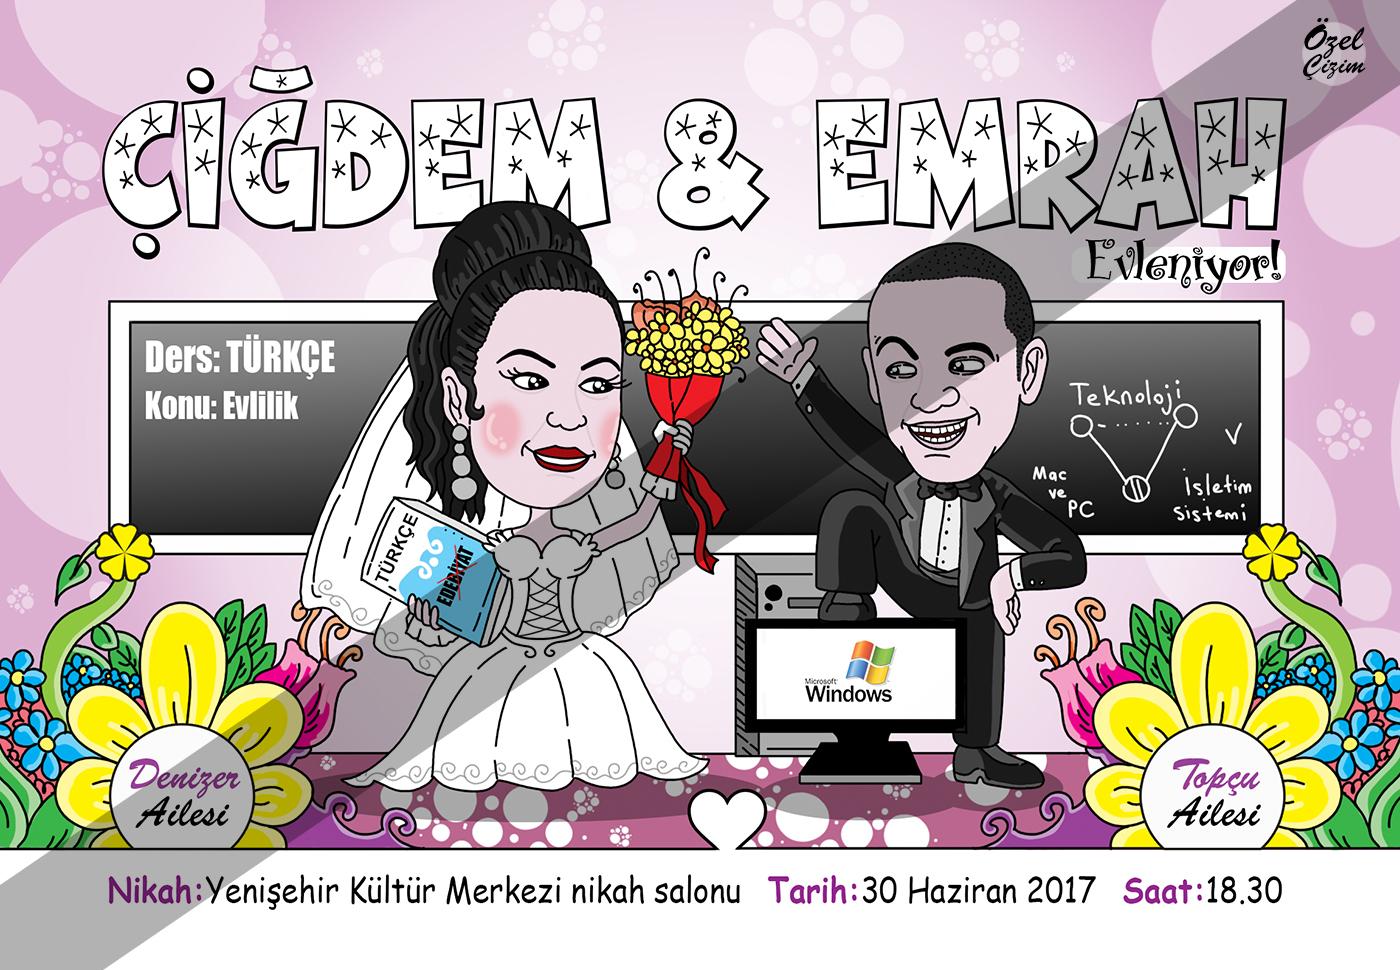 davetiye, düğün davetiyesi, davetiye modelleri, davetiye örnekleri, karikatür, karikatürlü davetiye, öğretmen davetiye, kişiye özel, komik davetiye, evleniyoruz, Özel Çizim, davetiyeler,